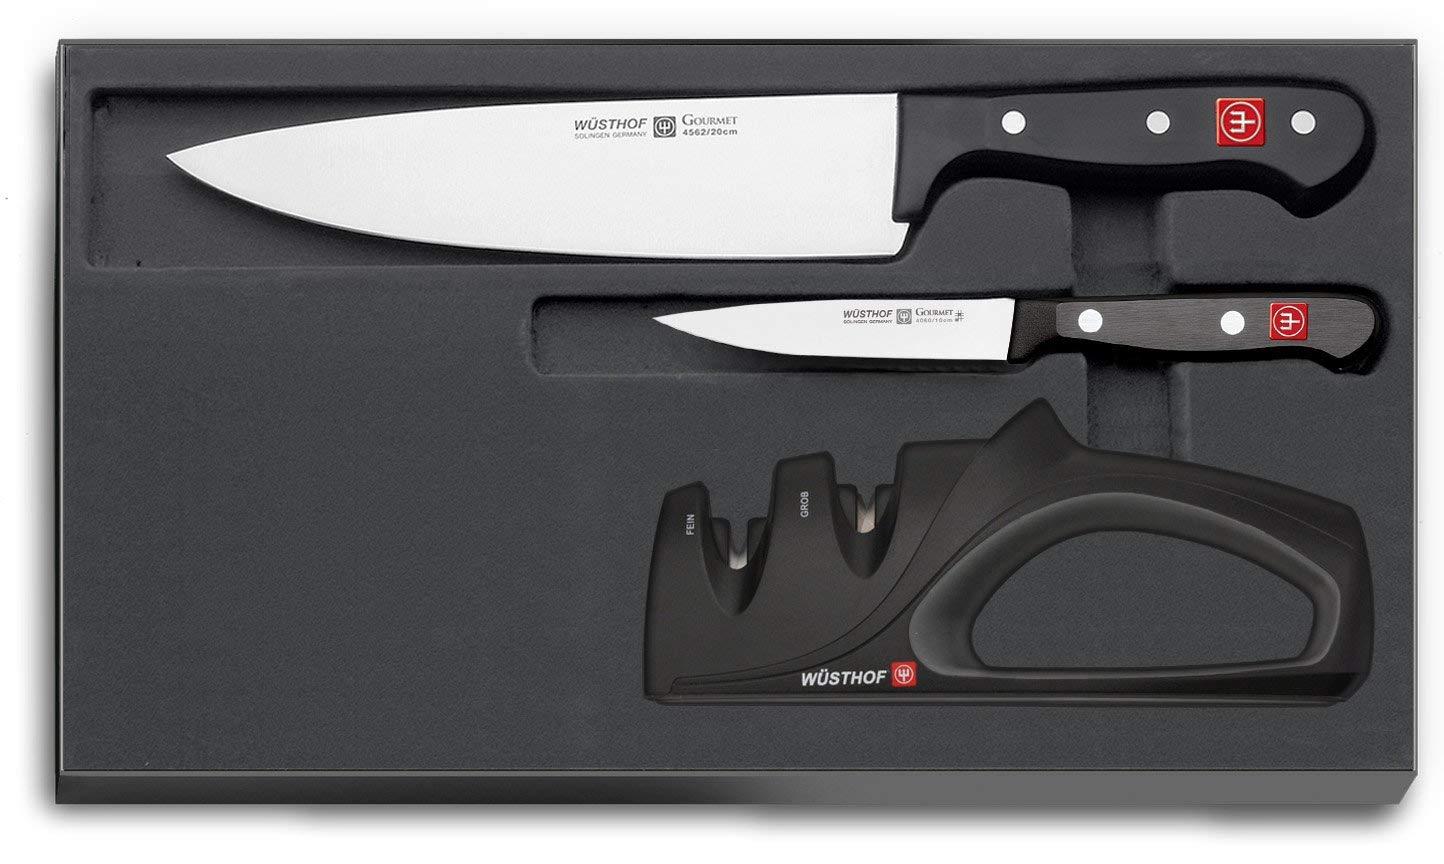 Онлайн каталог PROMENU: Набор: 2 ножа и точилка Wuesthof GOURMET, 3 предмета                               9654-1